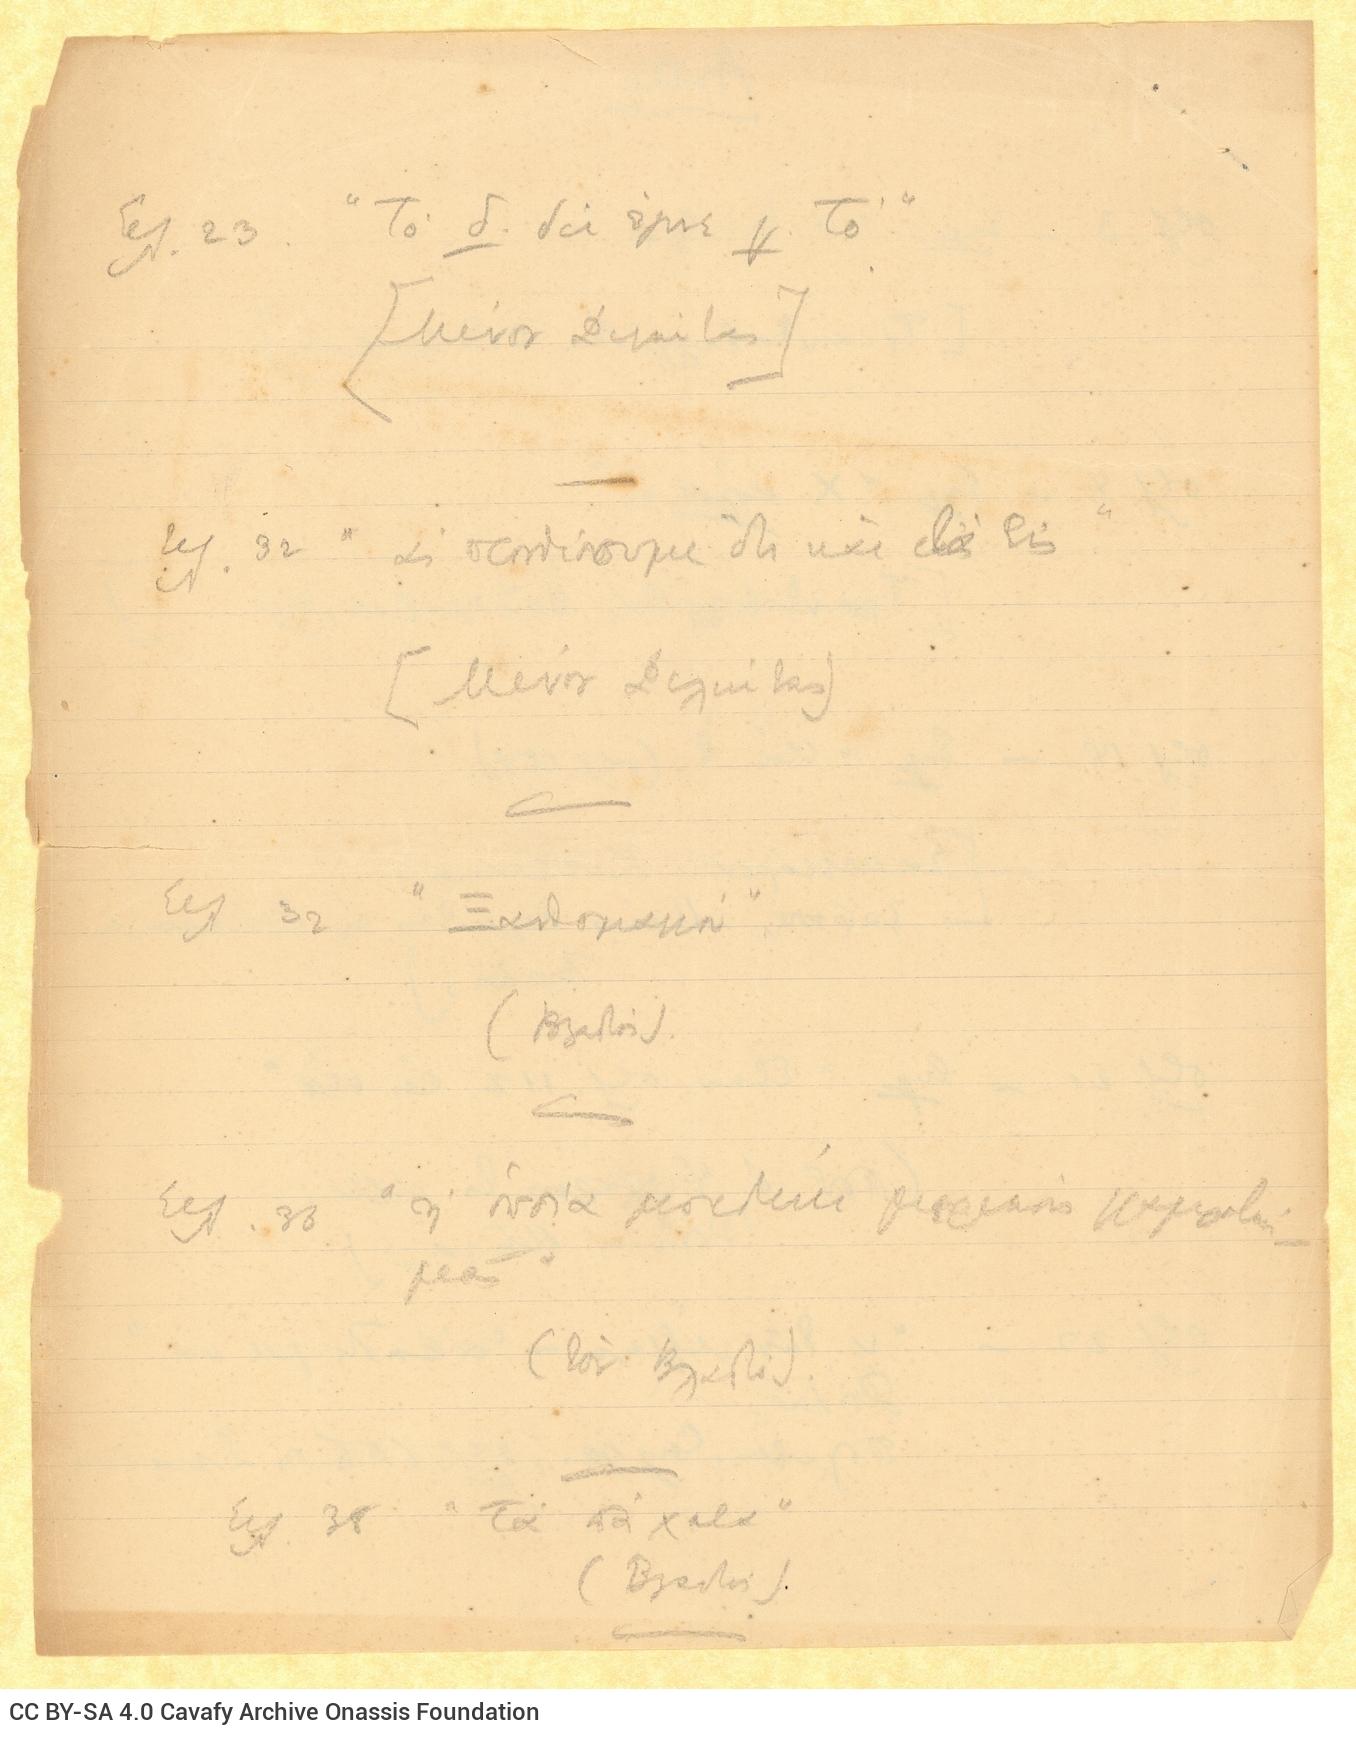 Χειρόγραφες γλωσσικές σημειώσεις του Καβάφη, με βραχυγραφίες, στι�